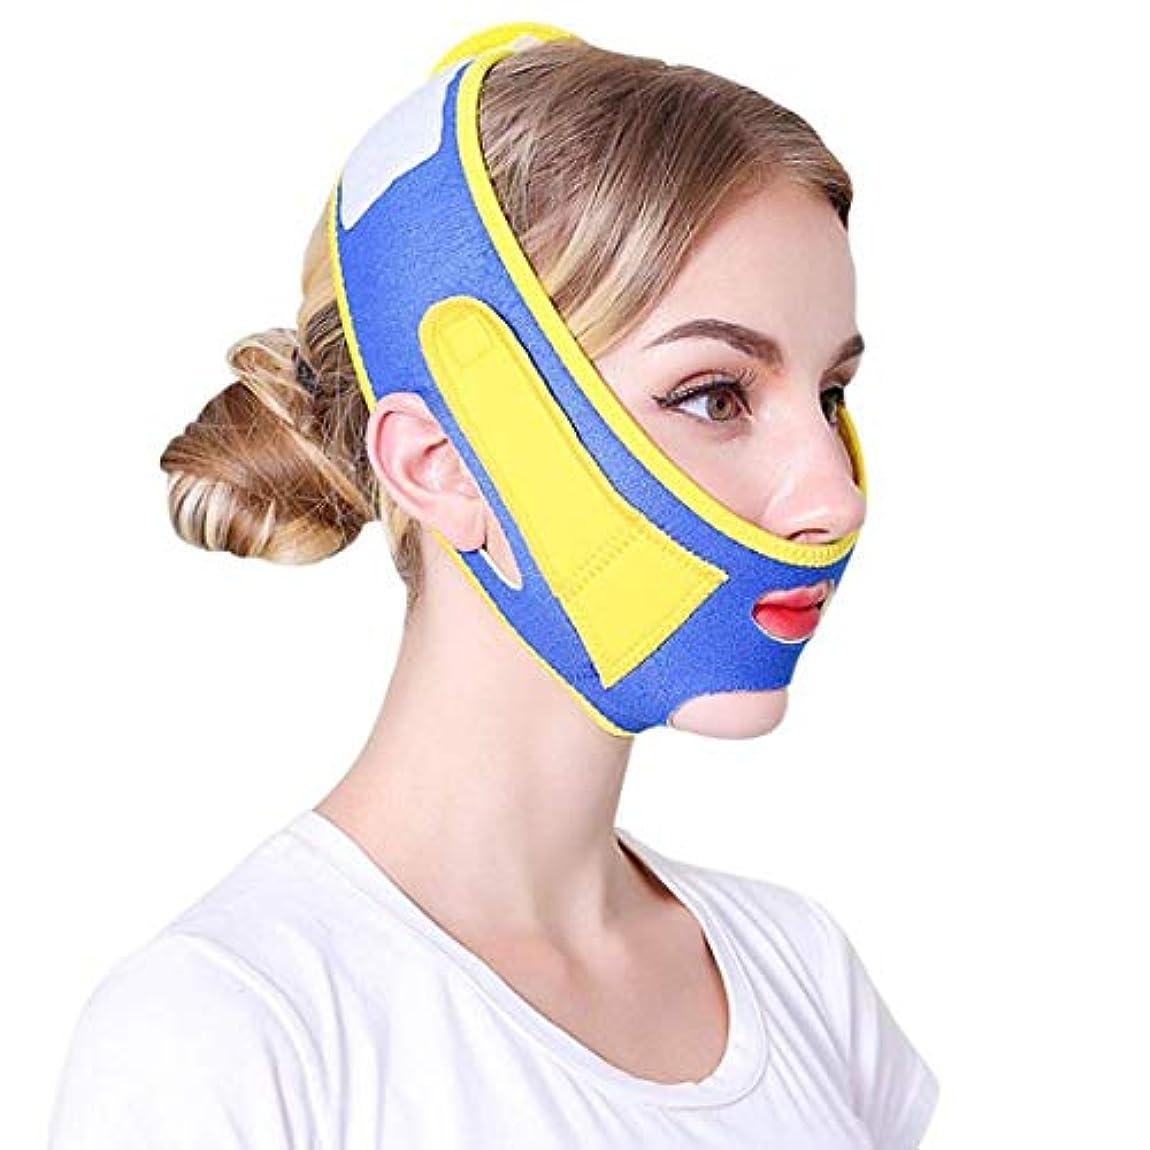 正直司令官浸漬ZWBD フェイスマスク, フェイスリフト包帯抗たるみvフェイスリフティング包帯整形二重あご青黄色